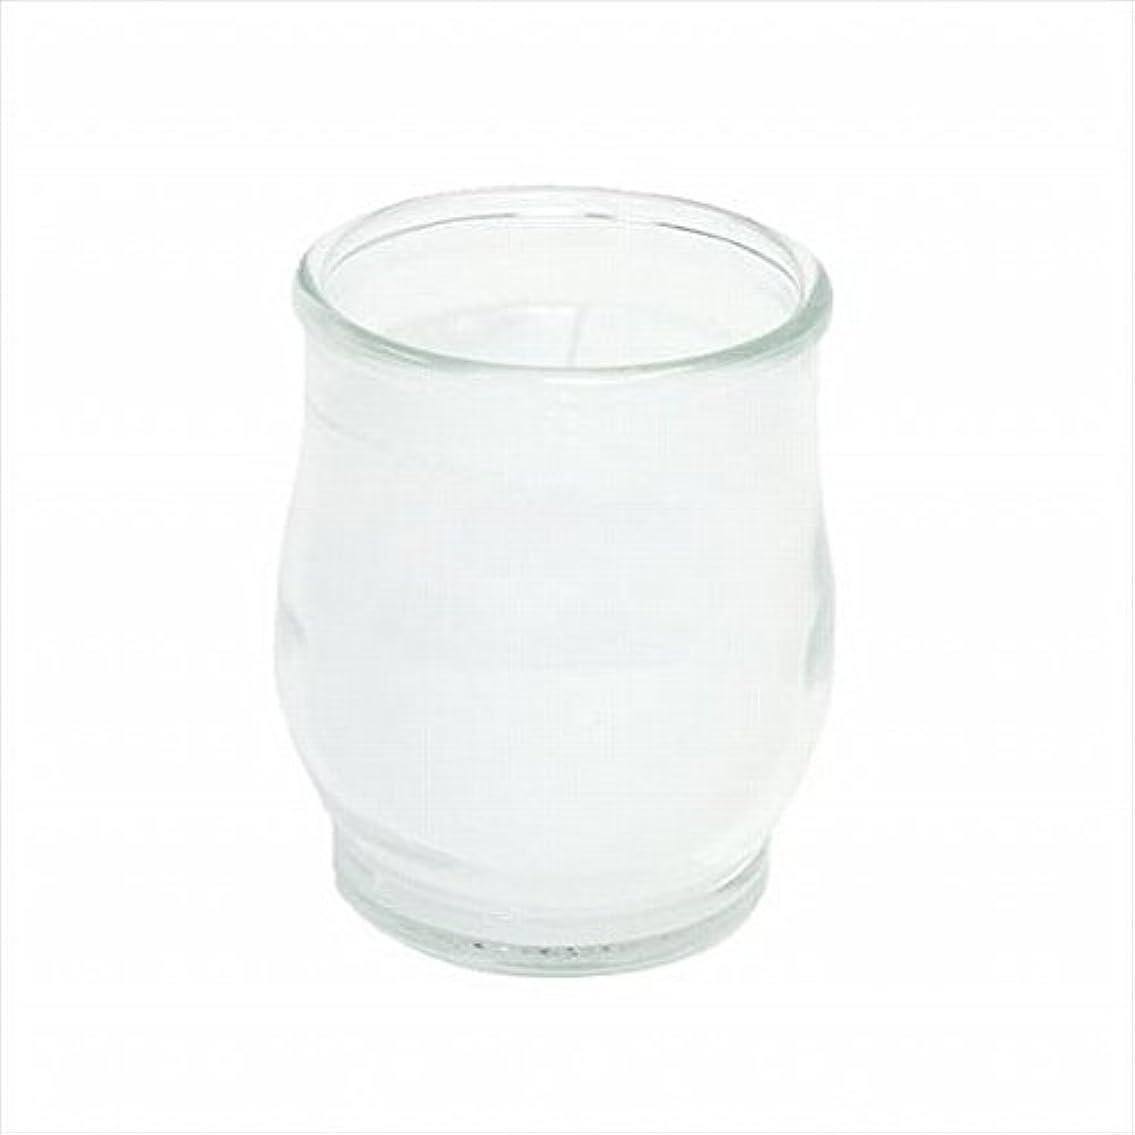 欲しいです物語洗うkameyama candle(カメヤマキャンドル) ポシェ(非常用コップローソク) 「 クリア 」 キャンドル 68x68x80mm (73020000C)